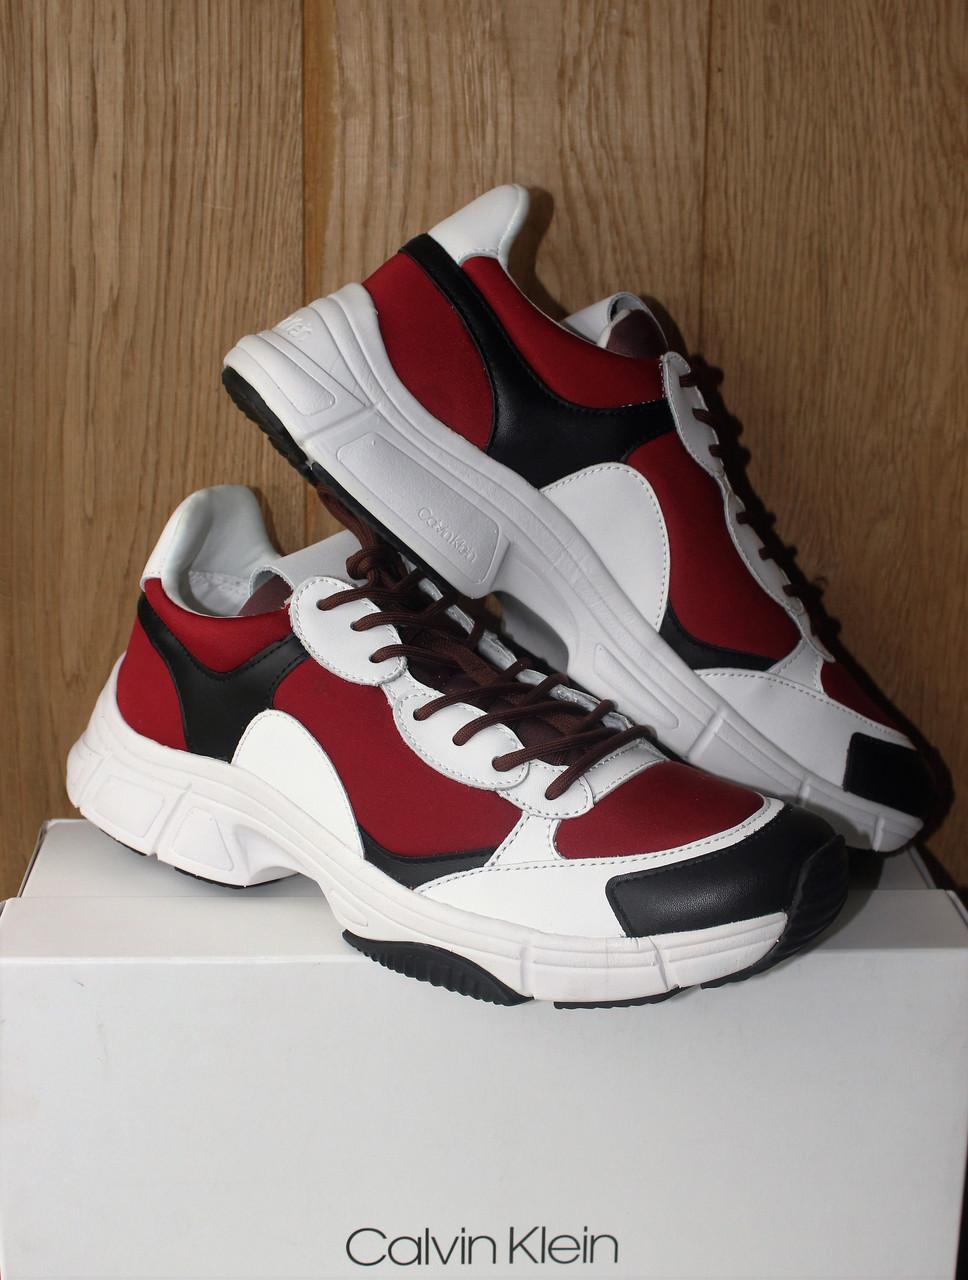 Кроссовки Calvin Klein Daxton red